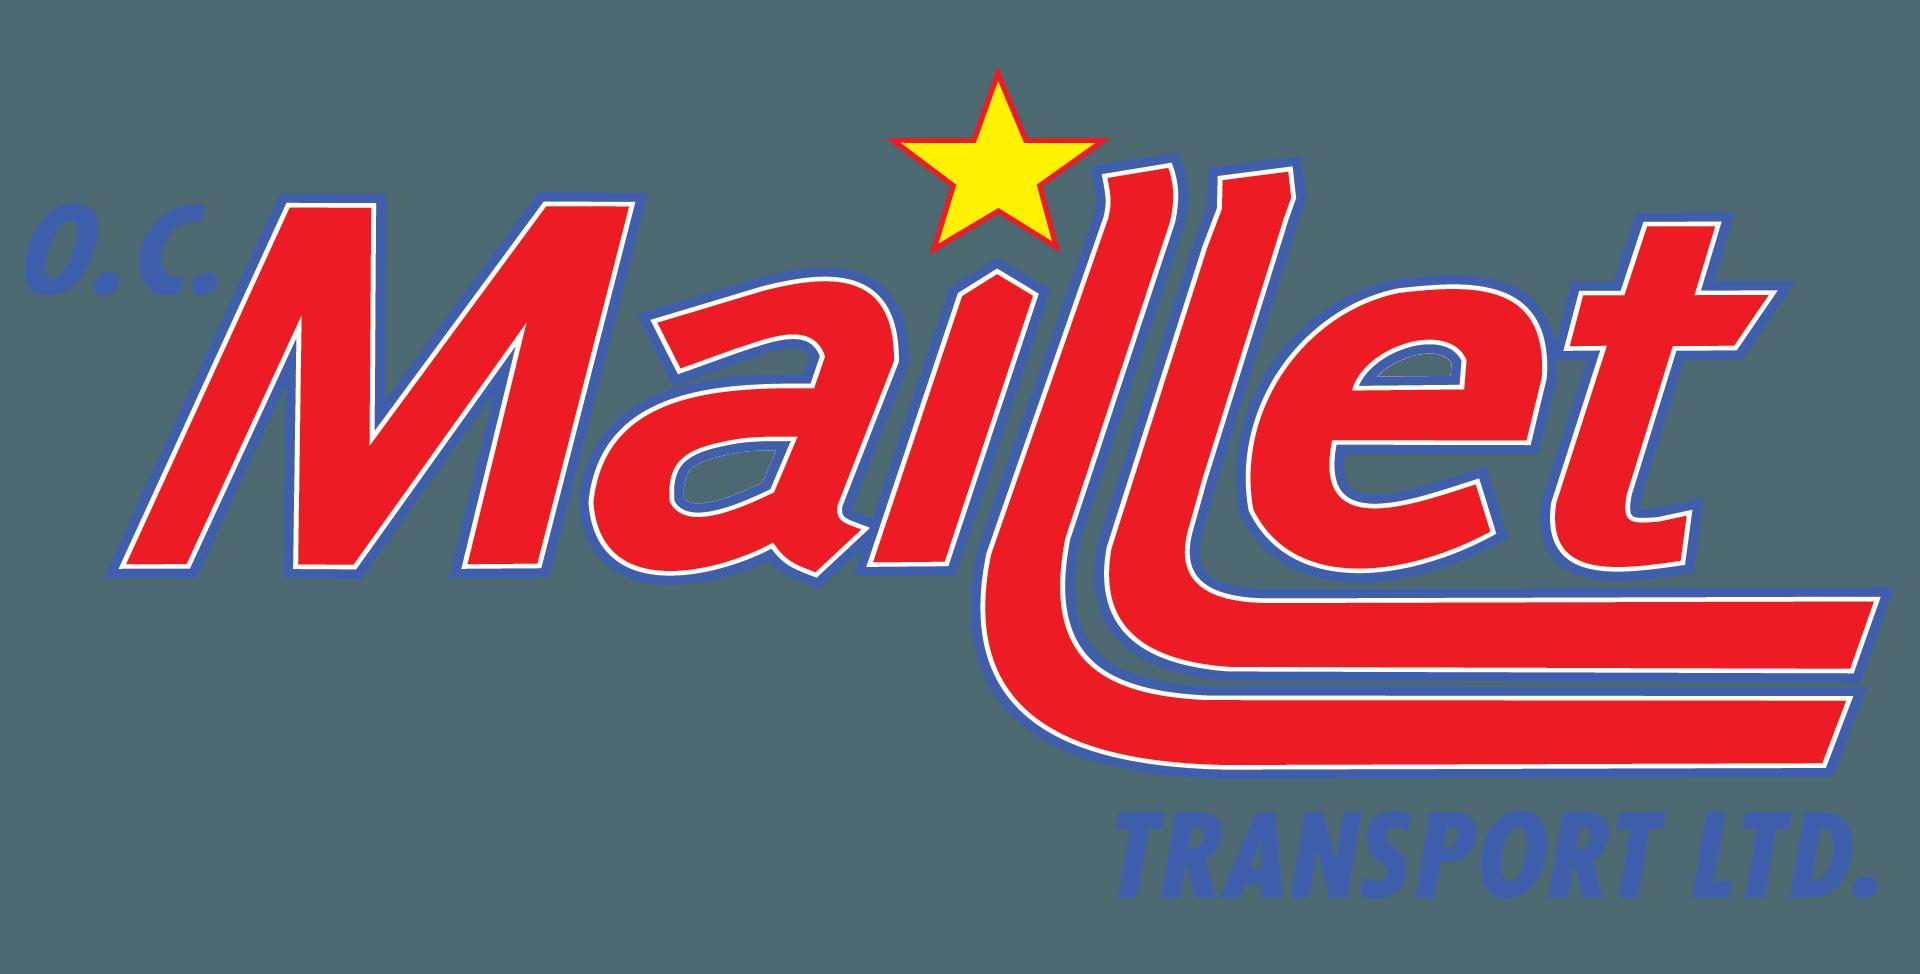 OC Maillet logo